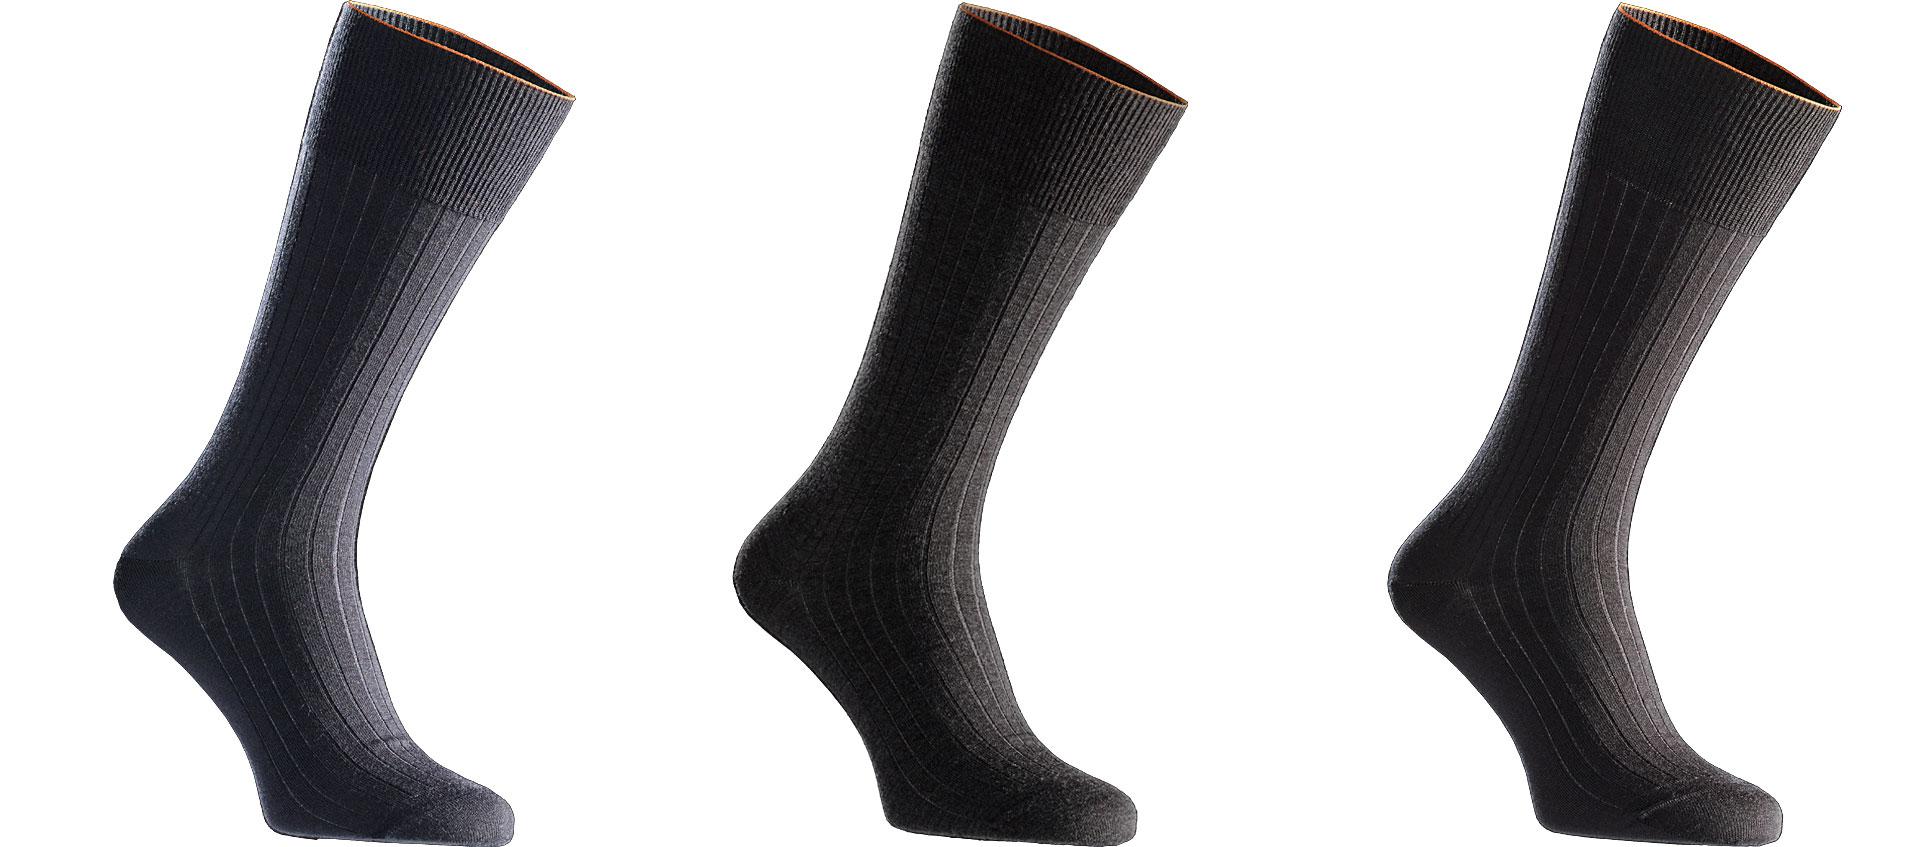 Merino Business Socken in Schwarz und Dunkelblau aus 1000% Merinowolle bei Joe Merino online kaufen.